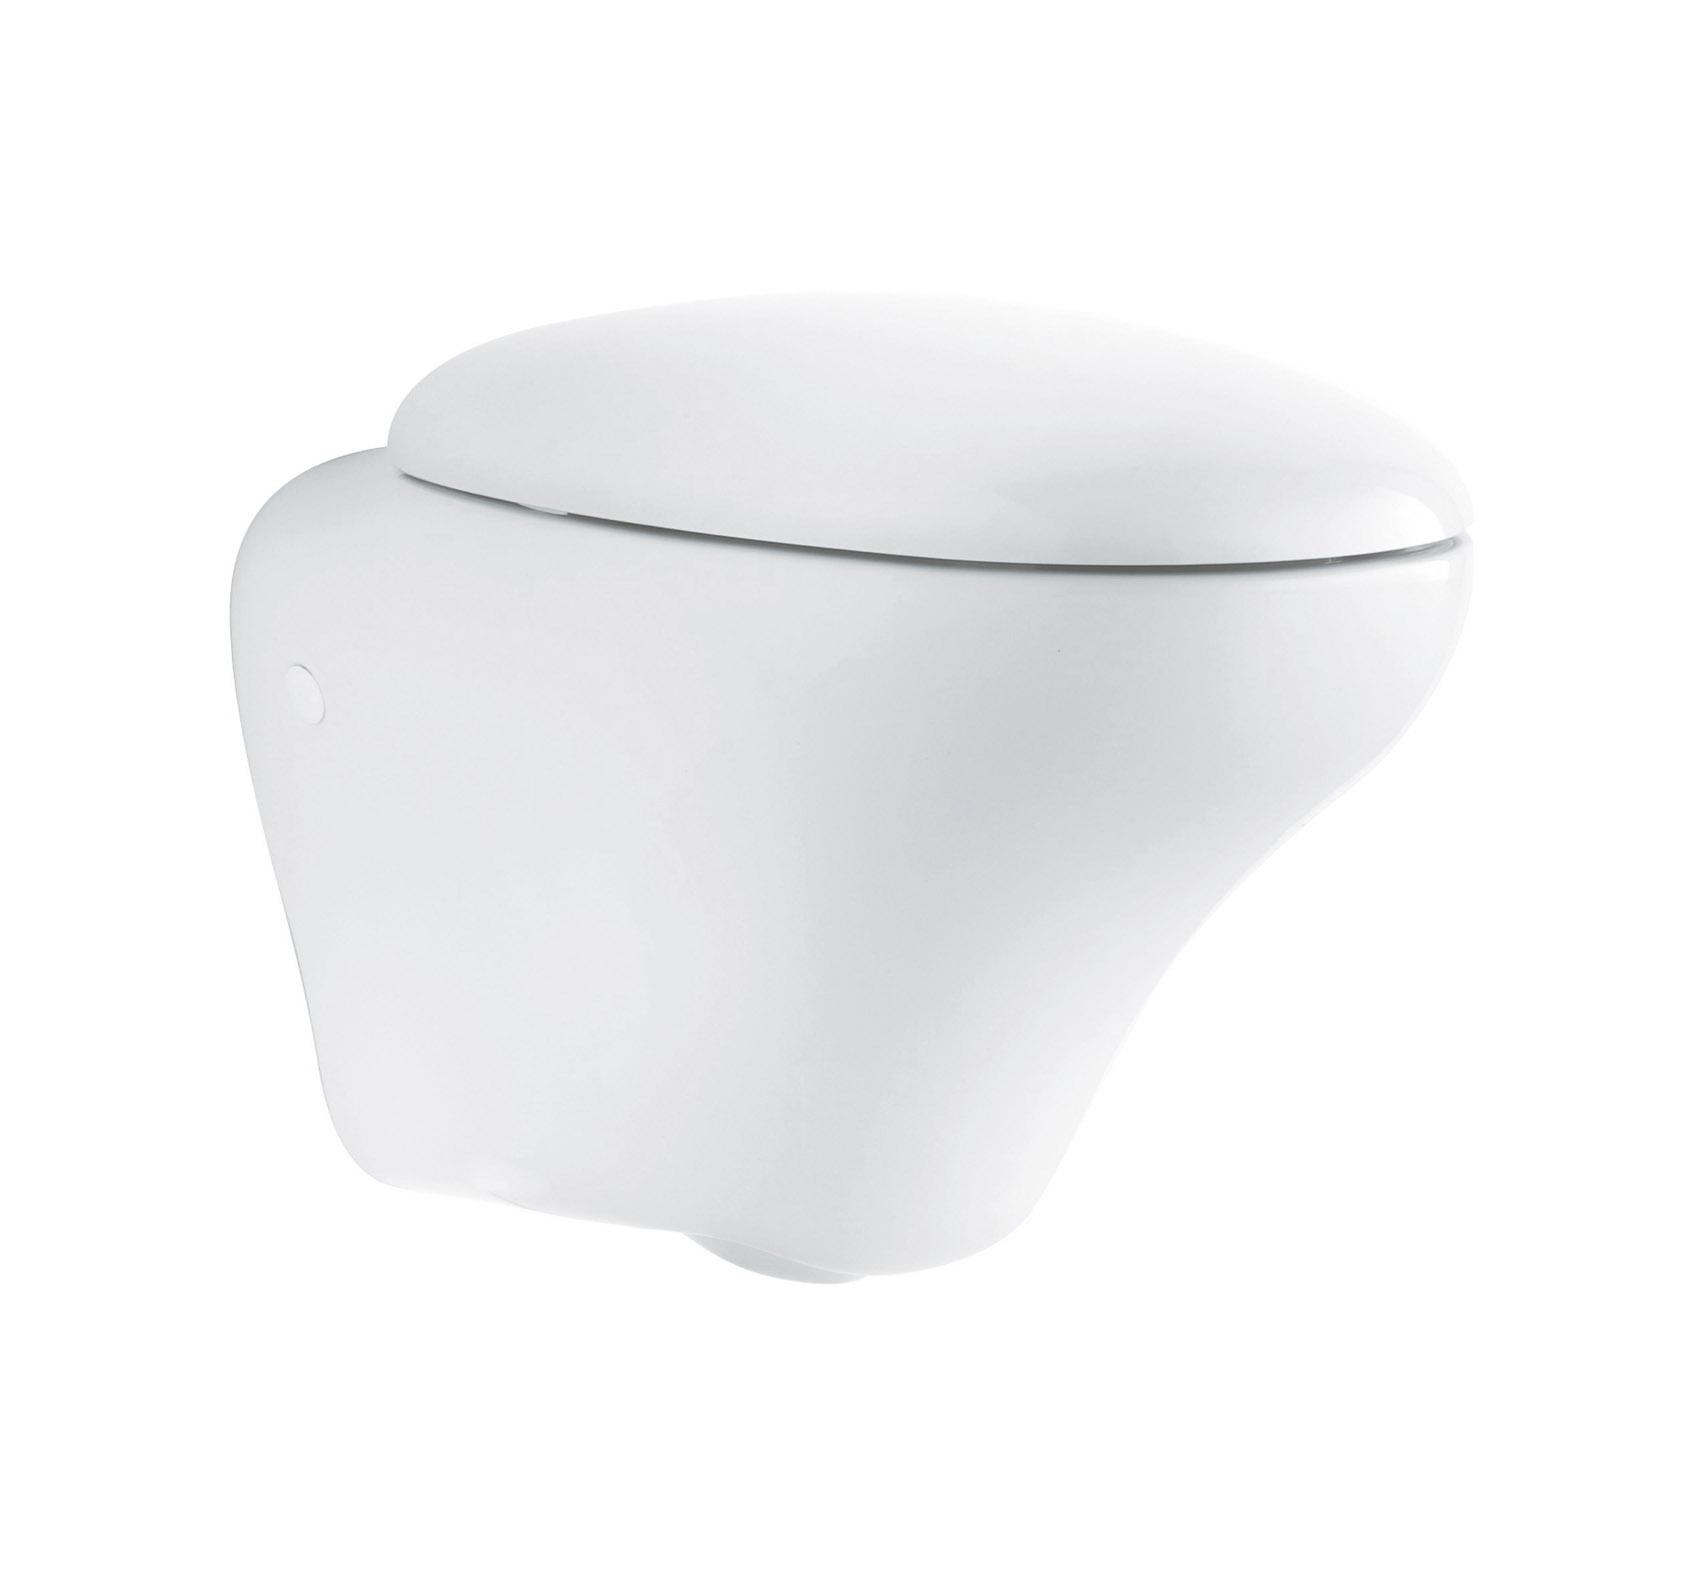 Kolo Ovum - WC závěsné, bez sedátka L43100000